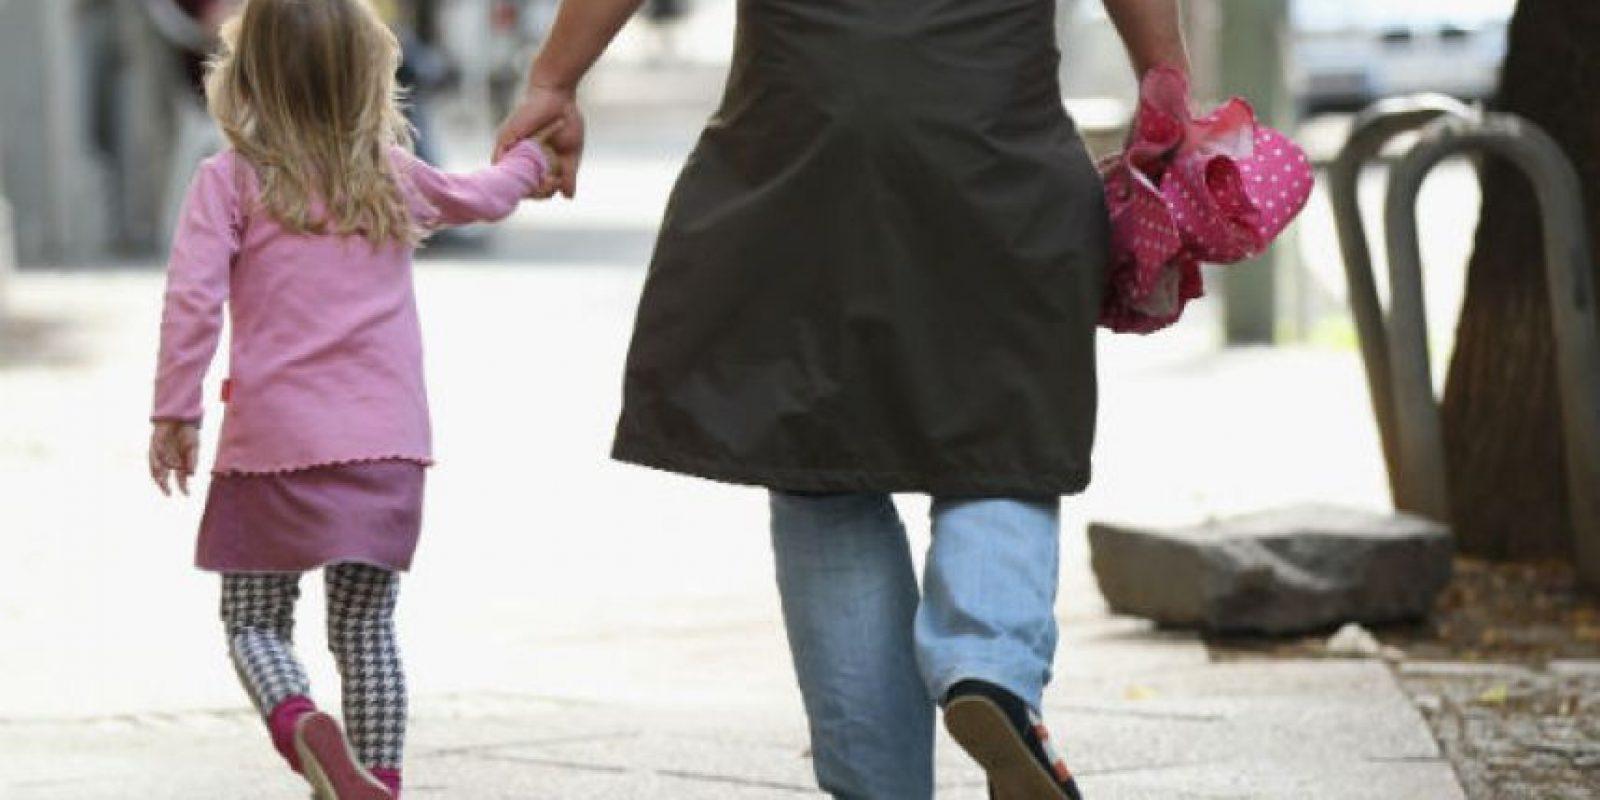 Una de cada 5 mujeres y 1 de cada 13 hombres declaran haber sufrido abusos sexuales en la infancia. Foto:Getty Images. Imagen Por: